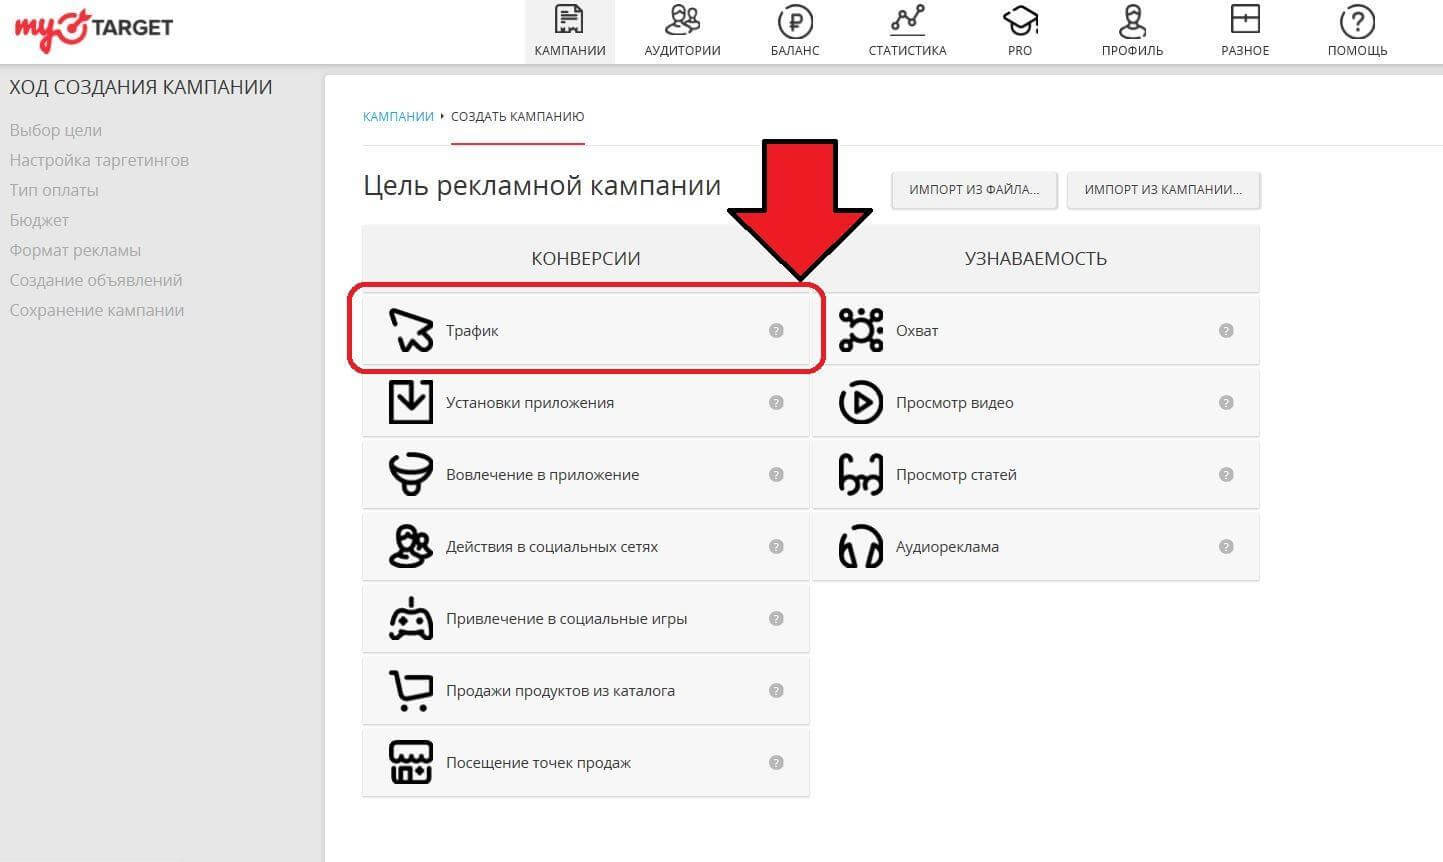 Реклама сайта в Одноклассниках